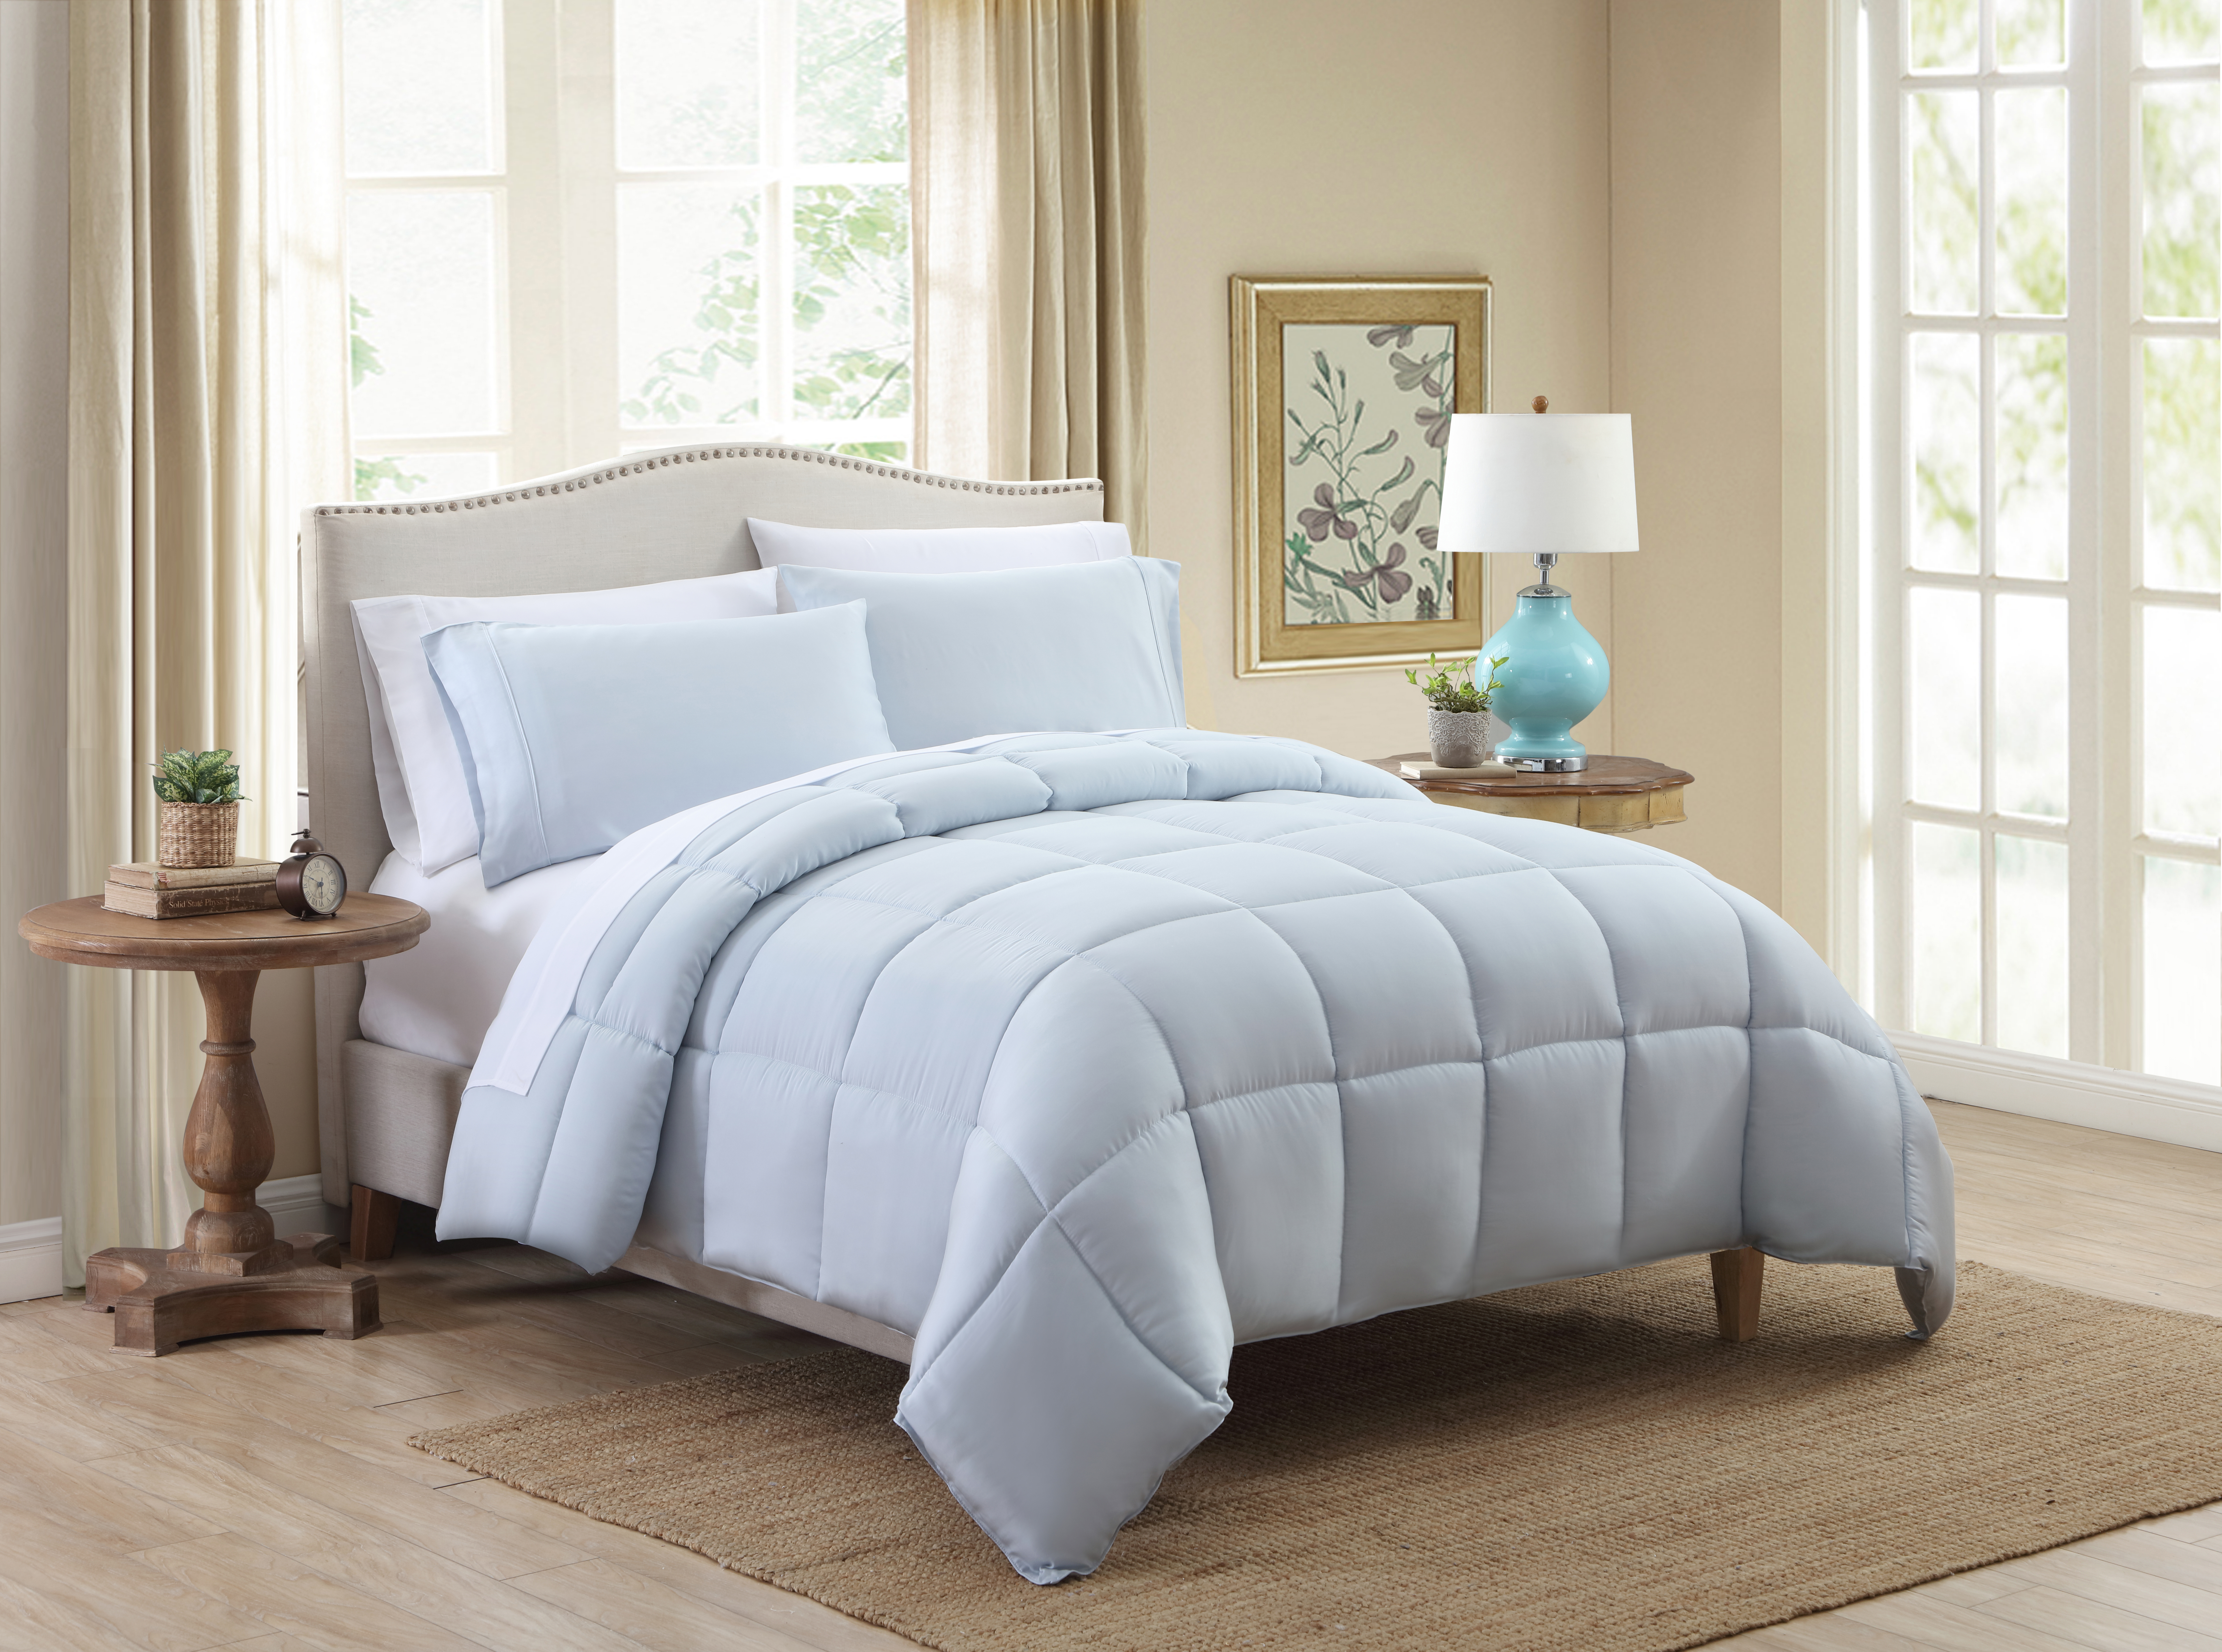 Kohl's Comforter blue (2)